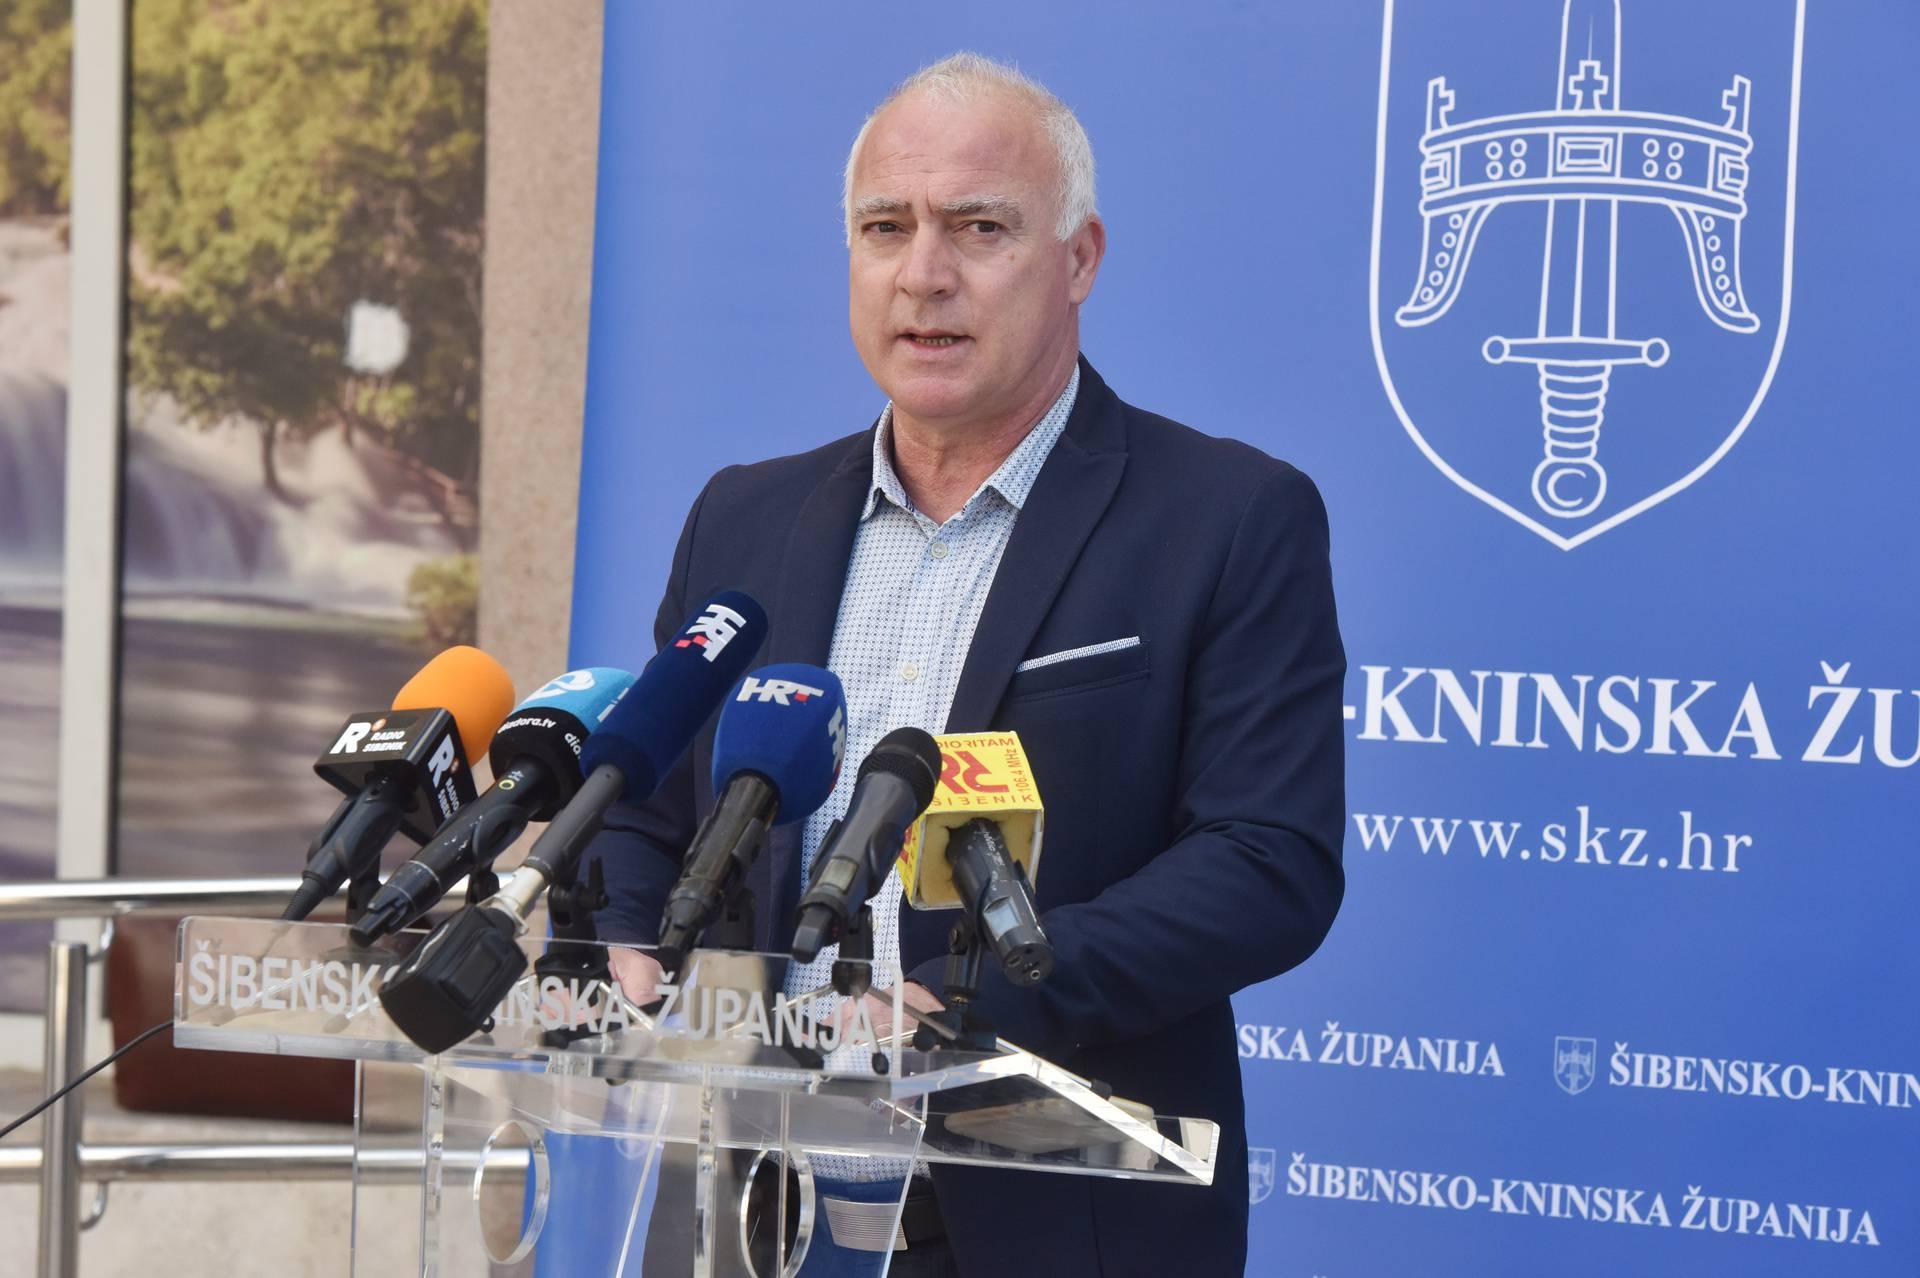 Otvoreno pismo Goranu Pauku: 'Ovime Vas obavještavamo da se županije nakon izbora gase'